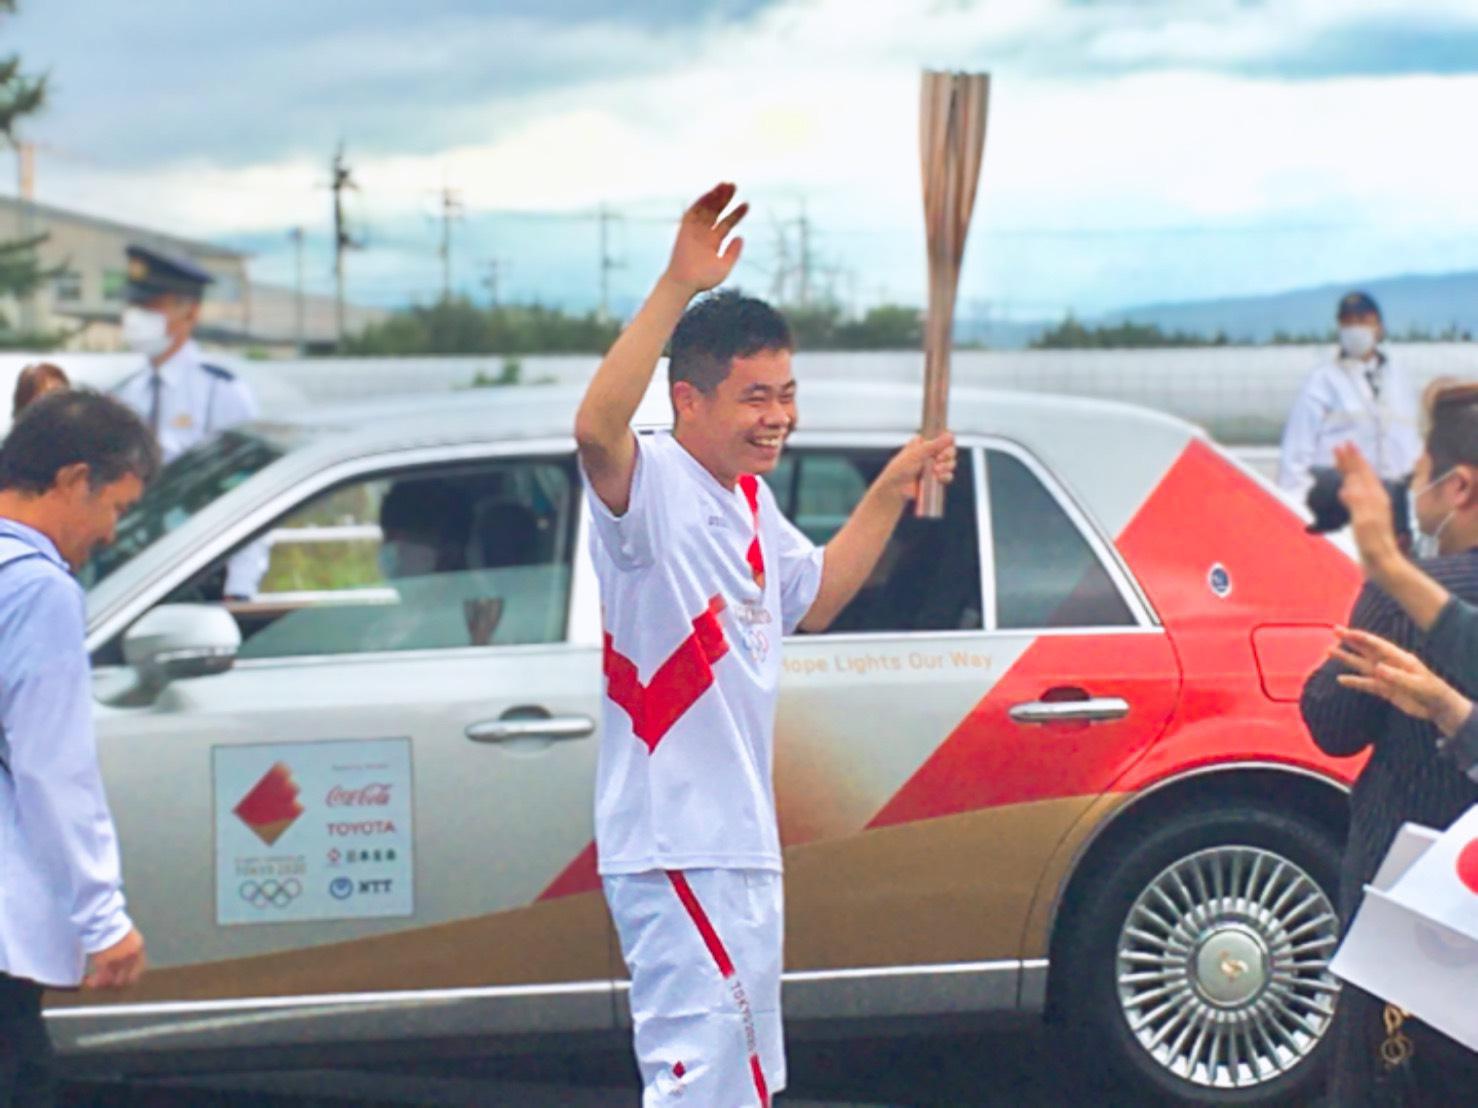 東京2020オリンピック聖火リレー☆彡